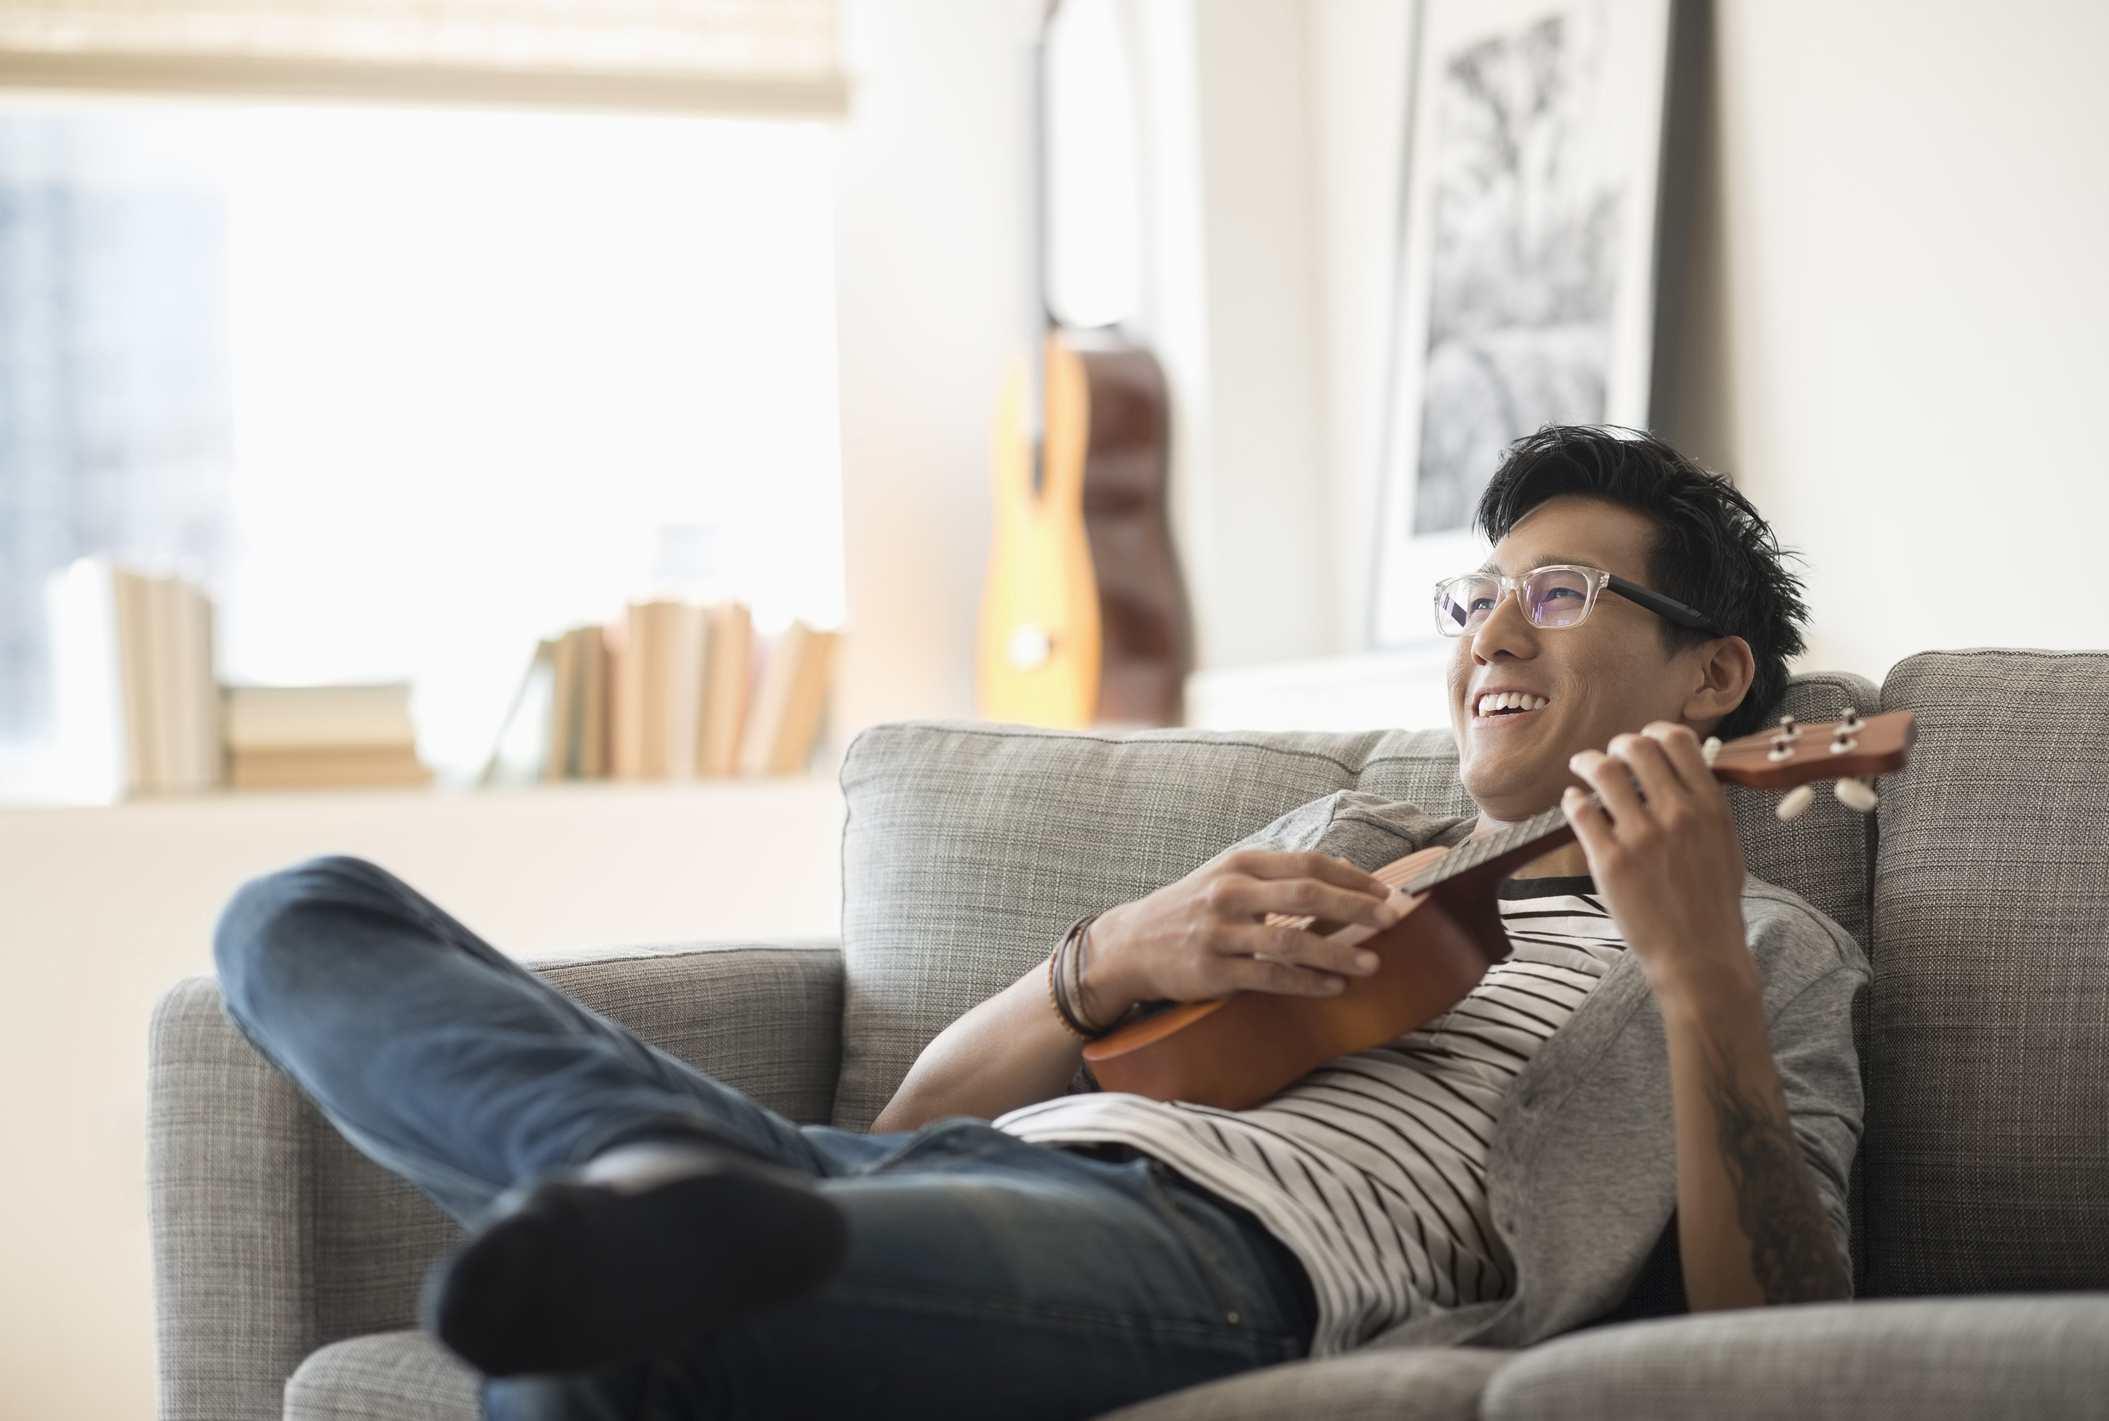 Jersey City, Man sitting on sofa and playing ukulele